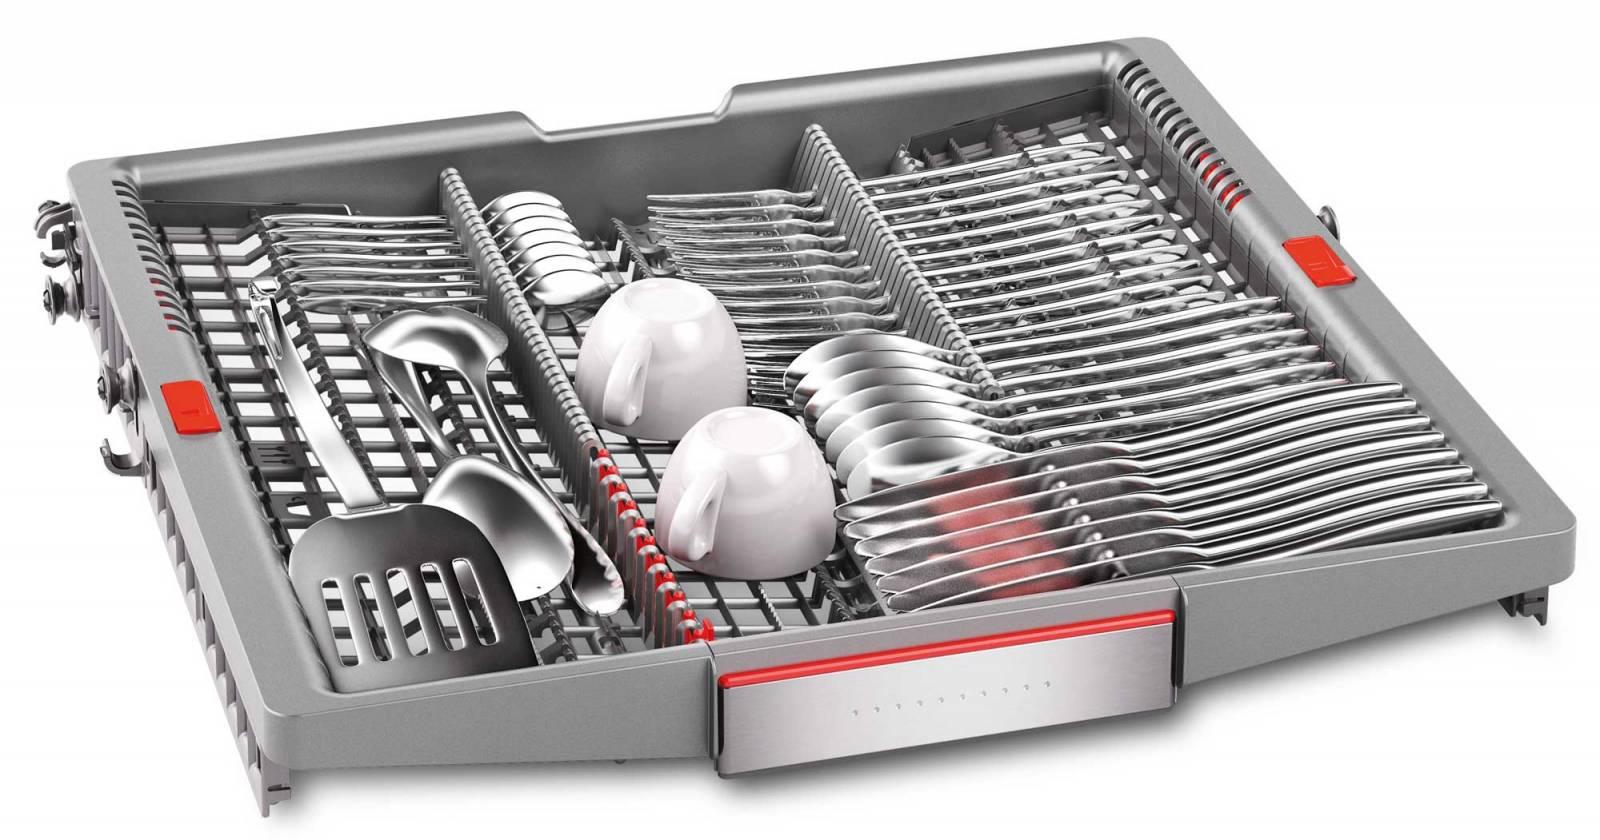 grossiste 4b10d 47f69 Lave vaisselle BOSCH SMS68TI00E - Magasin d'électroménager ...